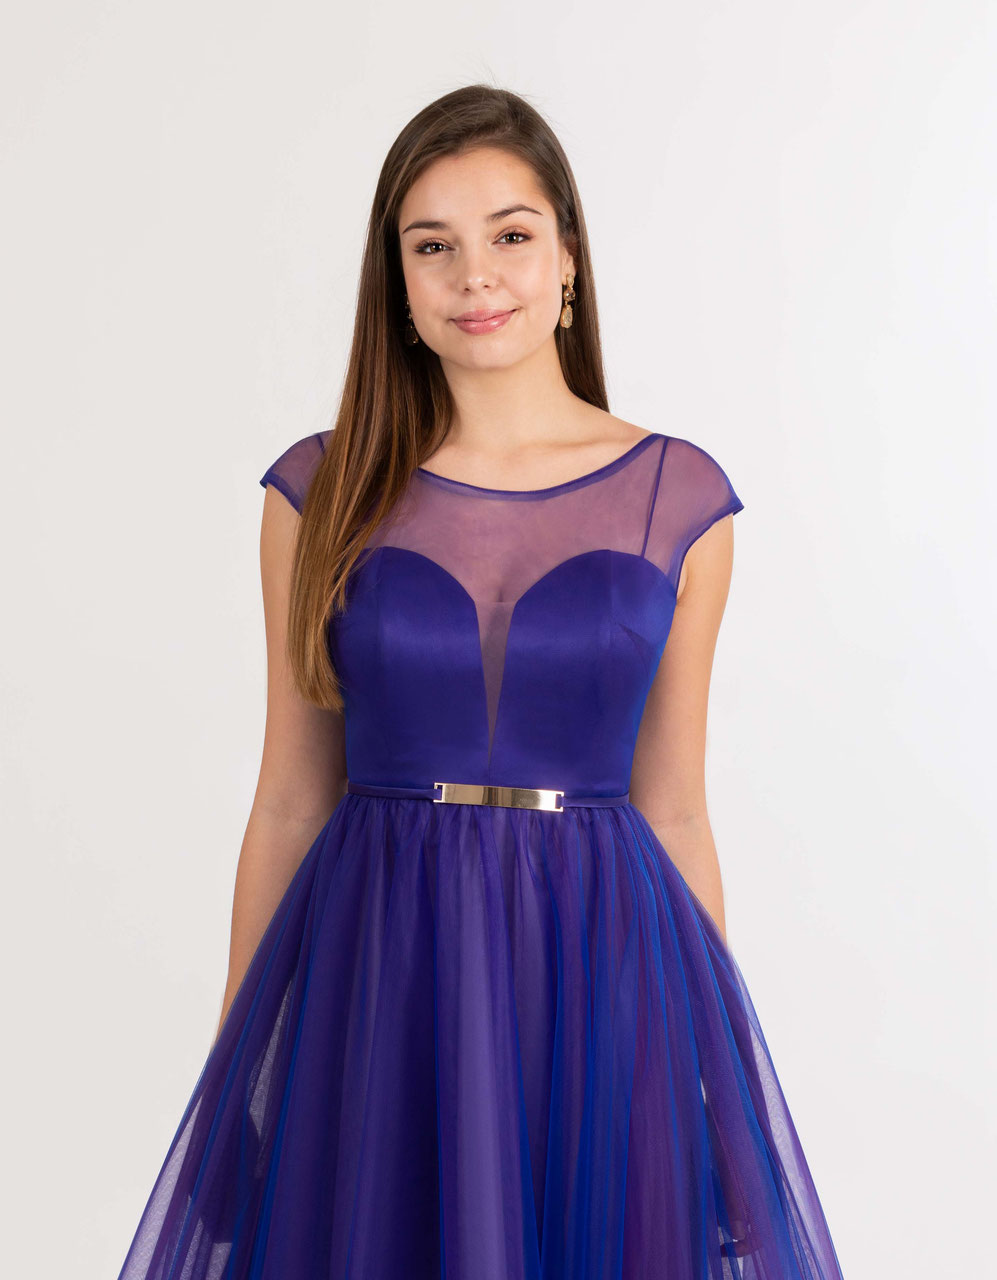 Violettes Ballkleid nach Maß ganz einfach online bestellen ...